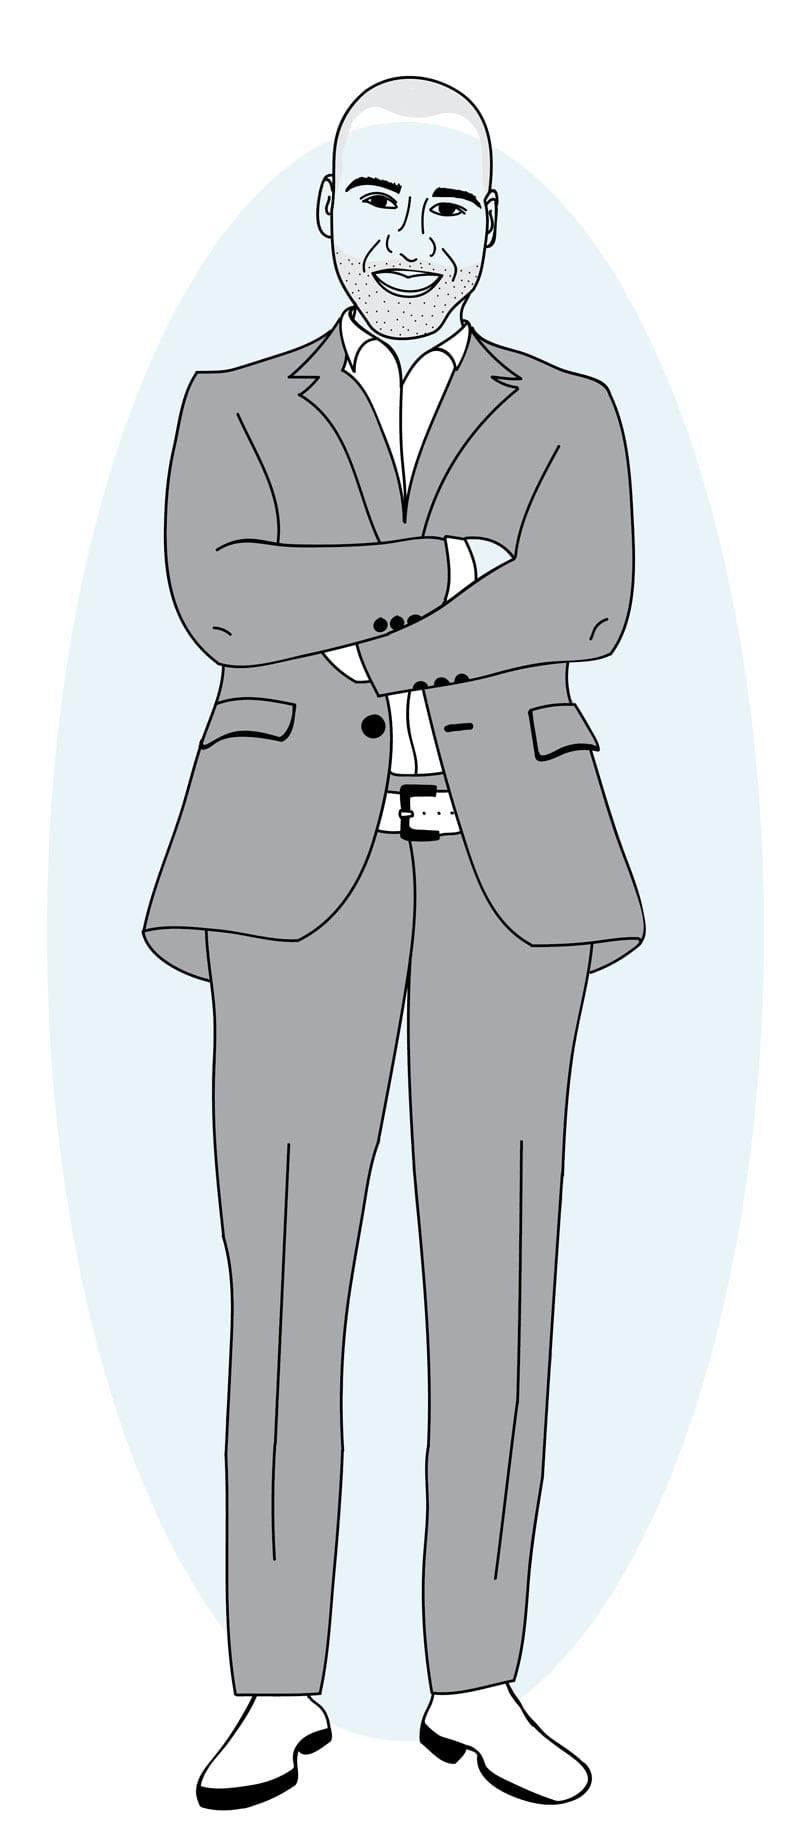 K9 Digital Marketing Owner Cartoon - Matt